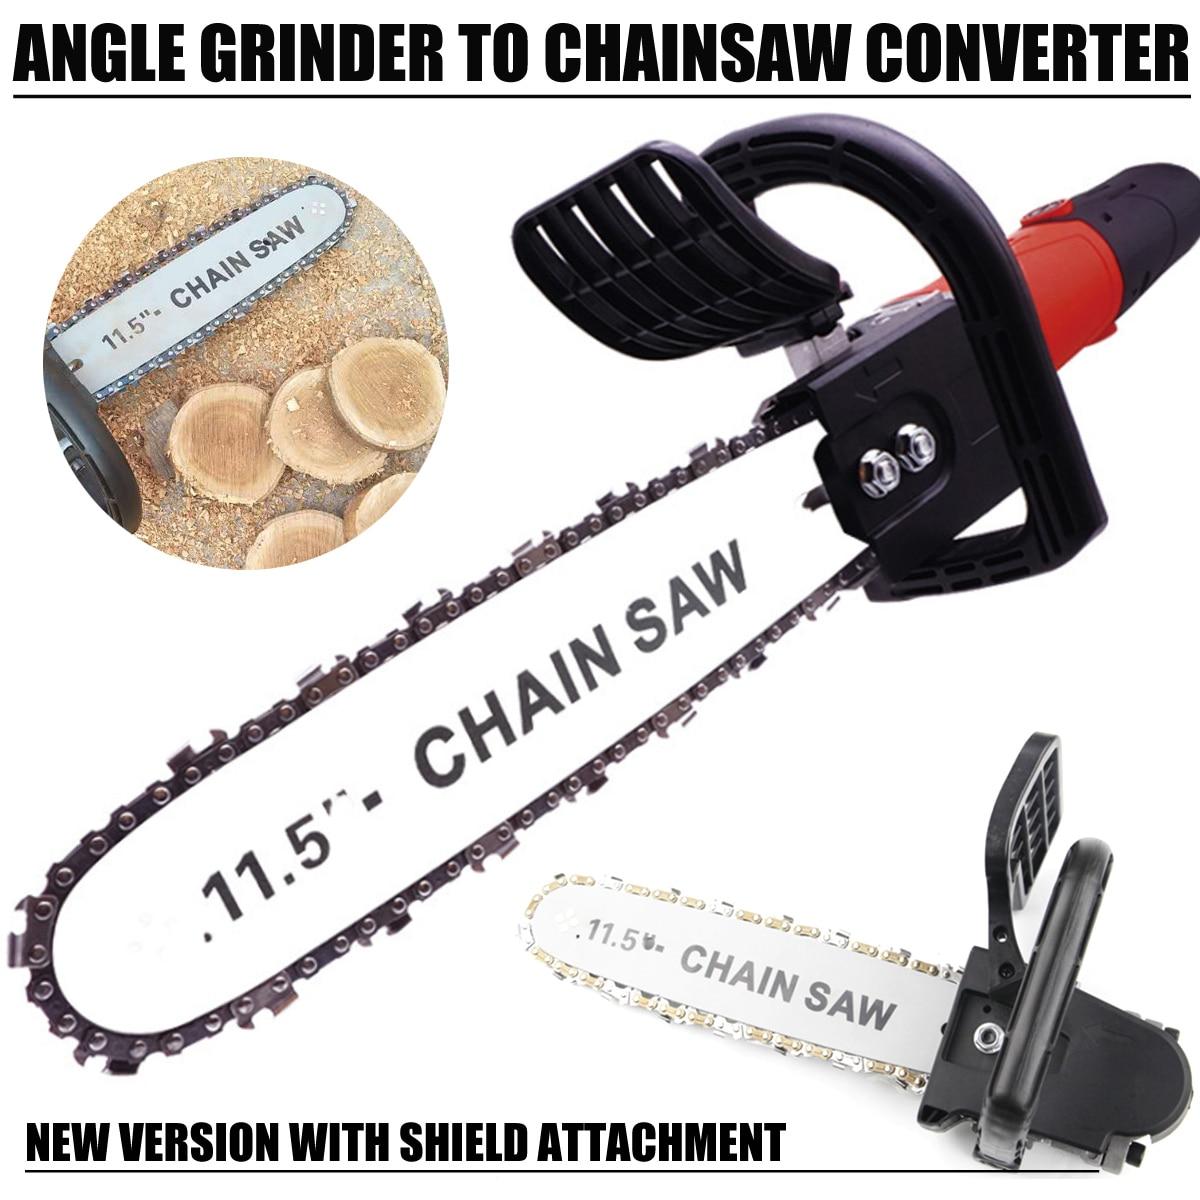 DIY Electric Saw 11.5 Inch Chainsaw Bracket Set High Carbon Steel ...